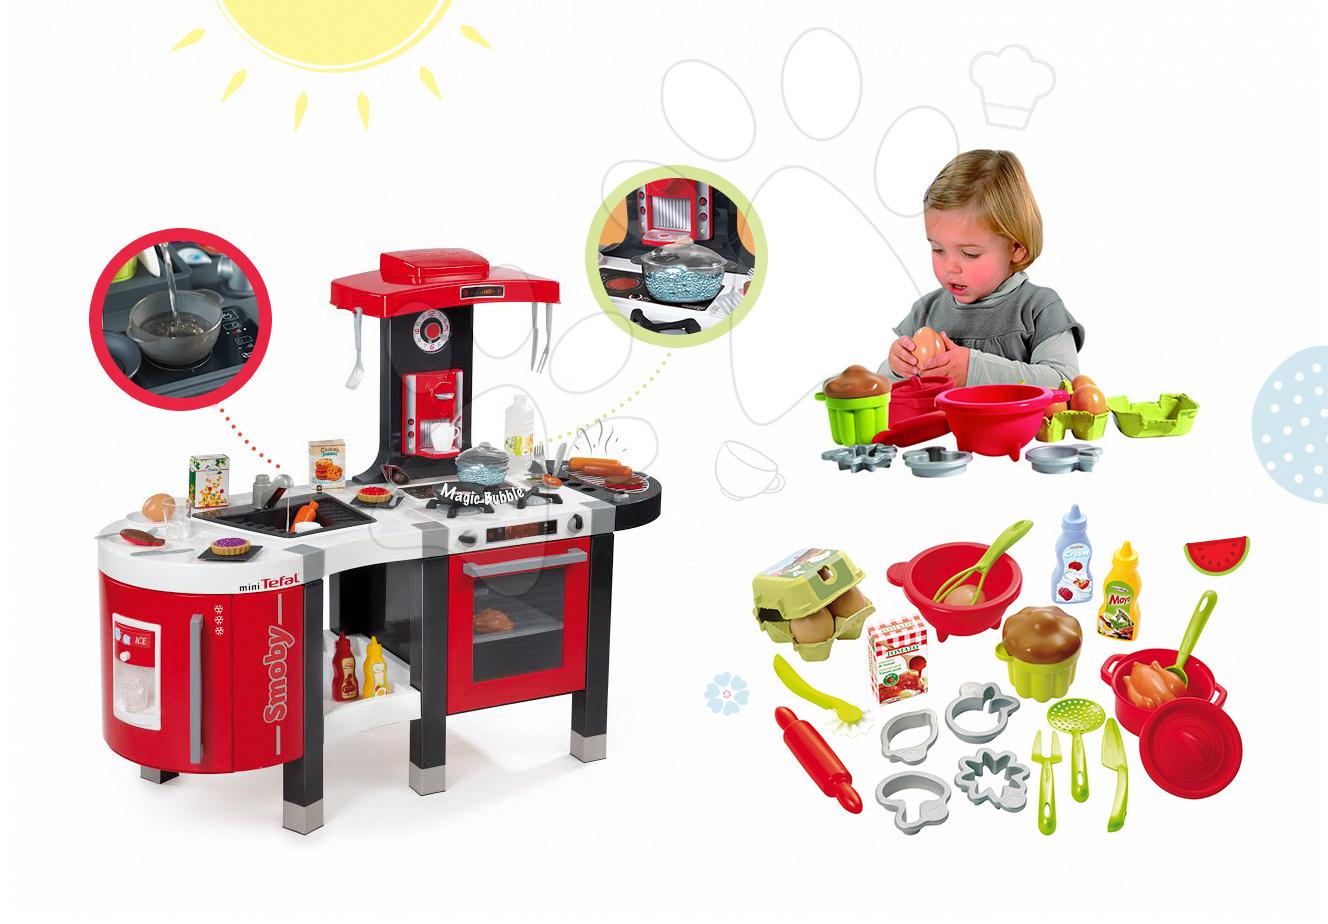 Kuchynky pre deti sety - Set kuchynka Tefal French Touch Bublinky&Voda Smoby s magickým bublaním a súprava na varenie